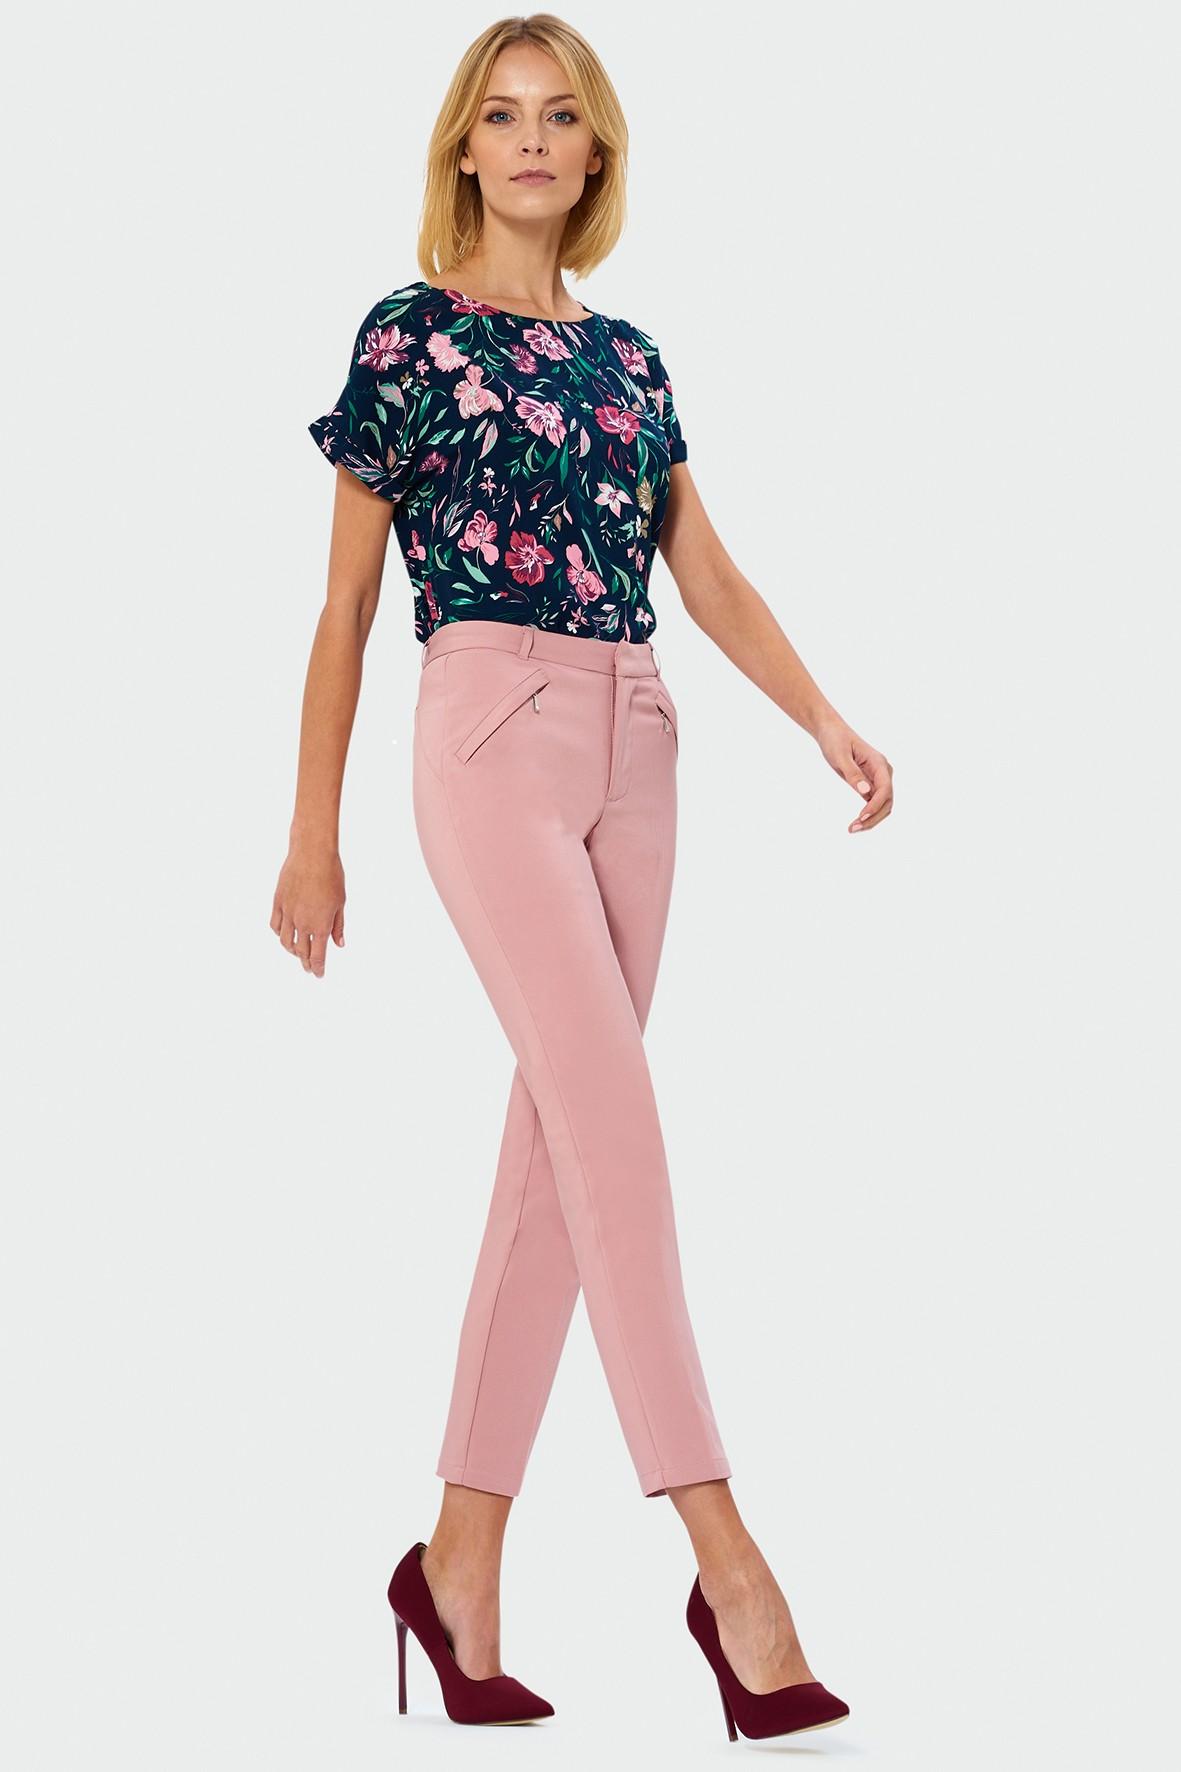 Różowe spodnie cygaretki- ubrania dla kobiet